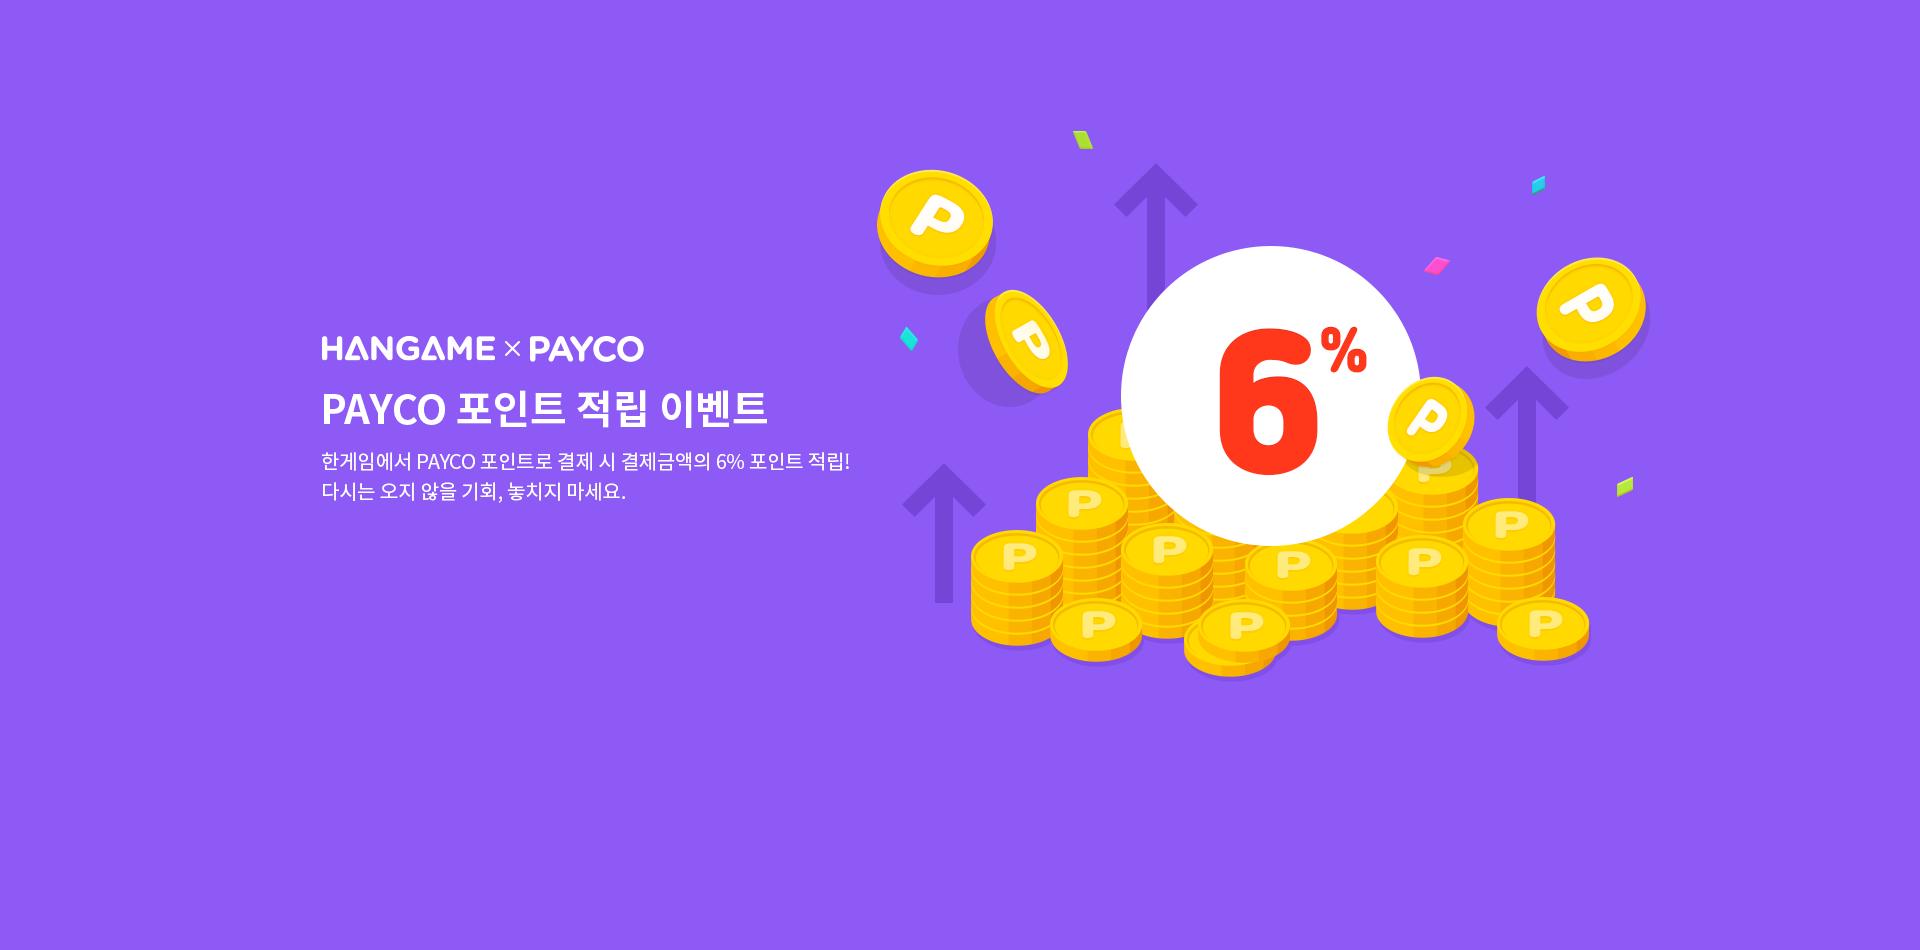 PAYCO 포인트 적립 이벤트